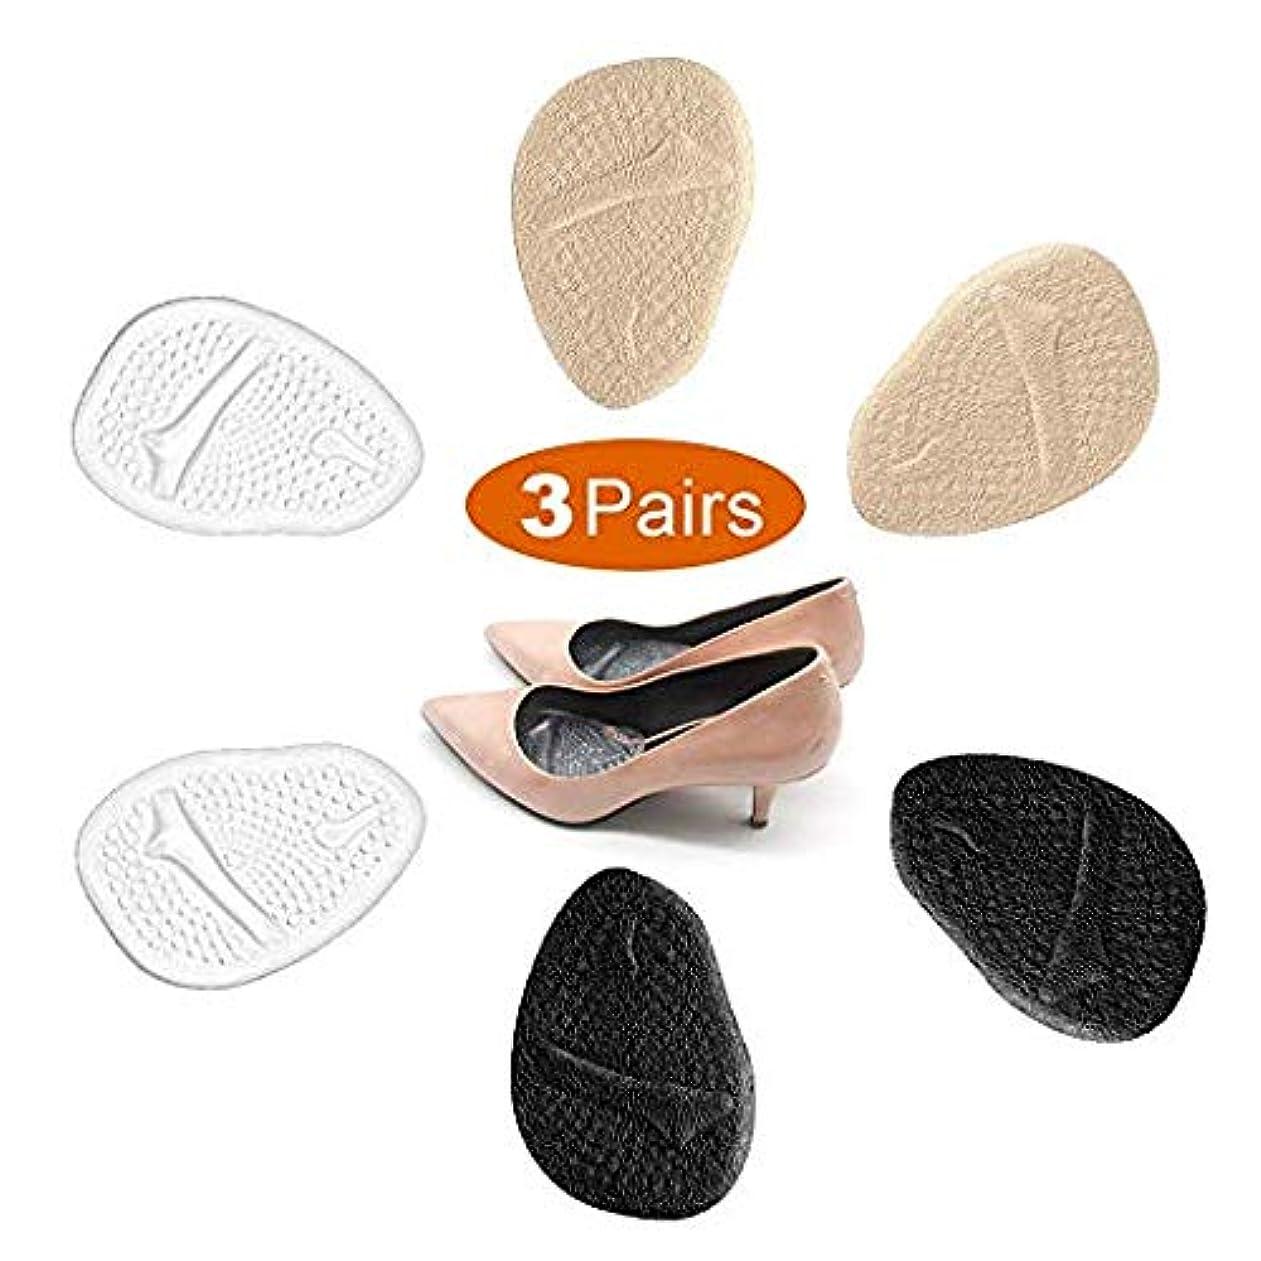 ジェスチャー六月適度な中足骨パッド| 女性の中足骨パッド| ボールオブフットクッション(3ペアフットパッド)終日痛みを軽減し、快適なワンサイズの女性用シューズインサート